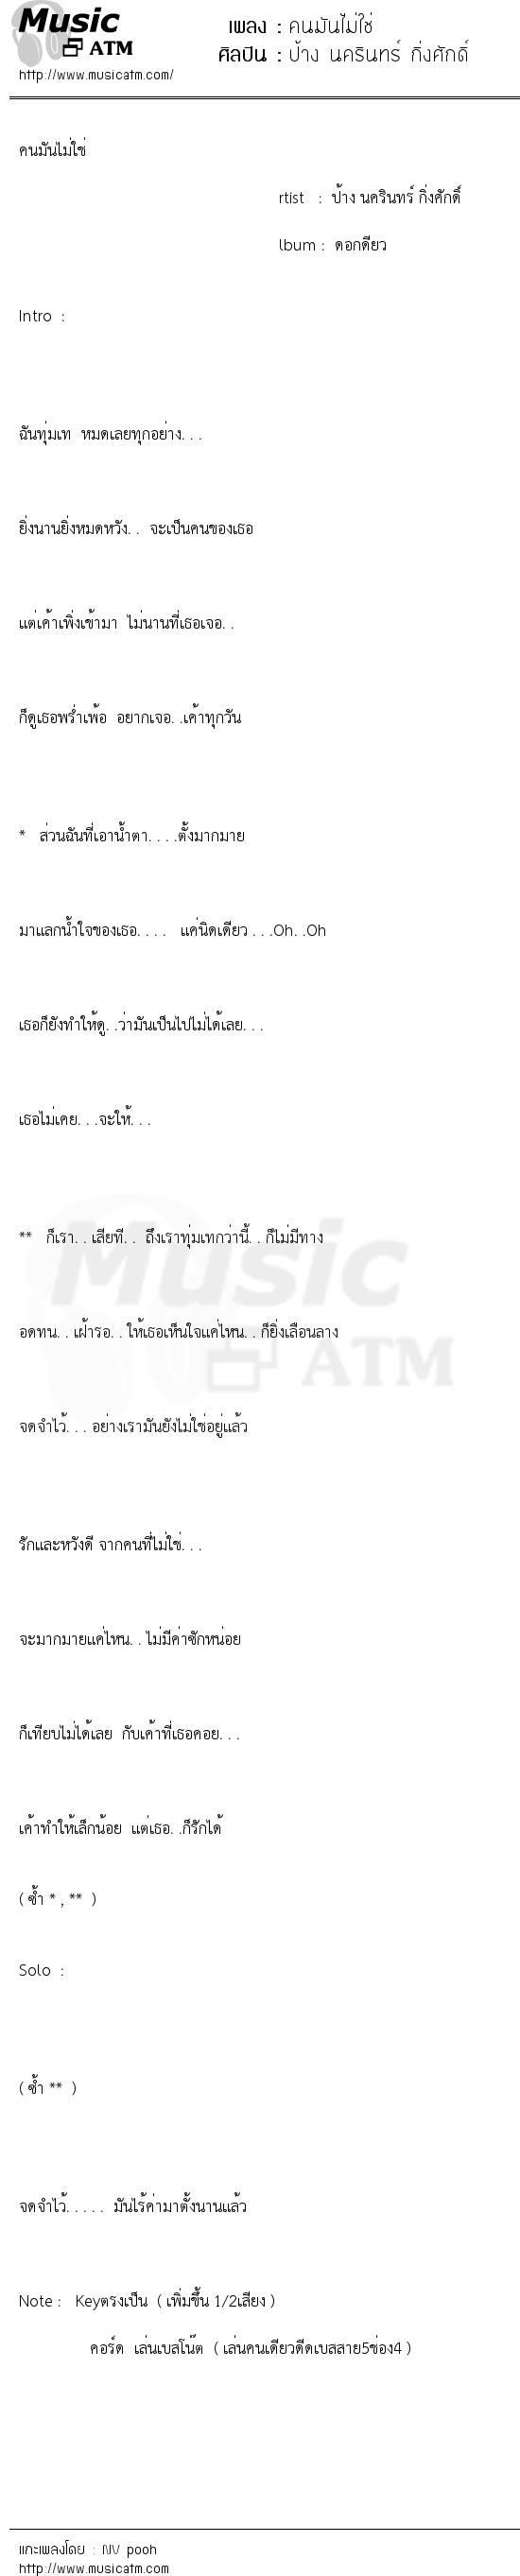 เนื้อเพลง คนมันไม่ใช่ - ป้าง นครินทร์ กิ่งศักดิ์ | เพลงไทย